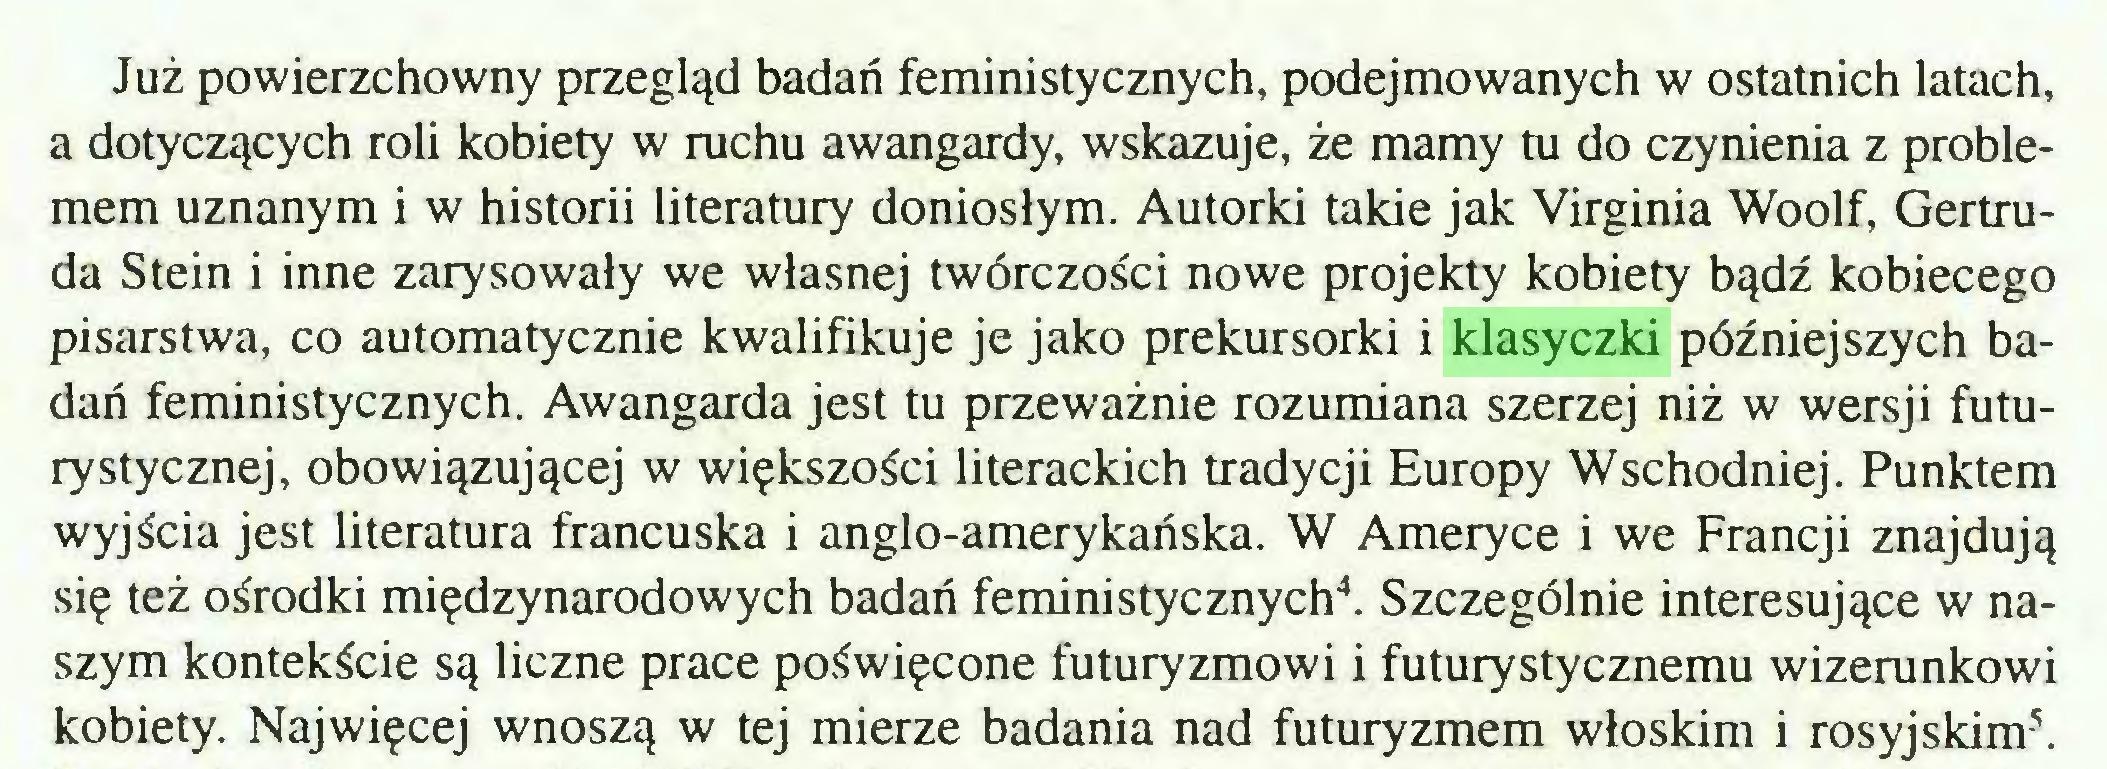 (...) Już powierzchowny przegląd badań feministycznych, podejmowanych w ostatnich latach, a dotyczących roli kobiety w ruchu awangardy, wskazuje, że mamy tu do czynienia z problemem uznanym i w historii literatury doniosłym. Autorki takie jak Virginia Woolf, Gertruda Stein i inne zarysowały we własnej twórczości nowe projekty kobiety bądź kobiecego pisarstwa, co automatycznie kwalifikuje je jako prekursorki i klasyczki późniejszych badań feministycznych. Awangarda jest tu przeważnie rozumiana szerzej niż w wersji futurystycznej, obowiązującej w większości literackich tradycji Europy Wschodniej. Punktem wyjścia jest literatura francuska i anglo-amerykańska. W Ameryce i we Francji znajdują się też ośrodki międzynarodowych badań feministycznych4. Szczególnie interesujące w naszym kontekście są liczne prace poświęcone futuryzmowi i futurystycznemu wizerunkowi kobiety. Najwięcej wnoszą w tej mierze badania nad futuryzmem włoskim i rosyjskim5...